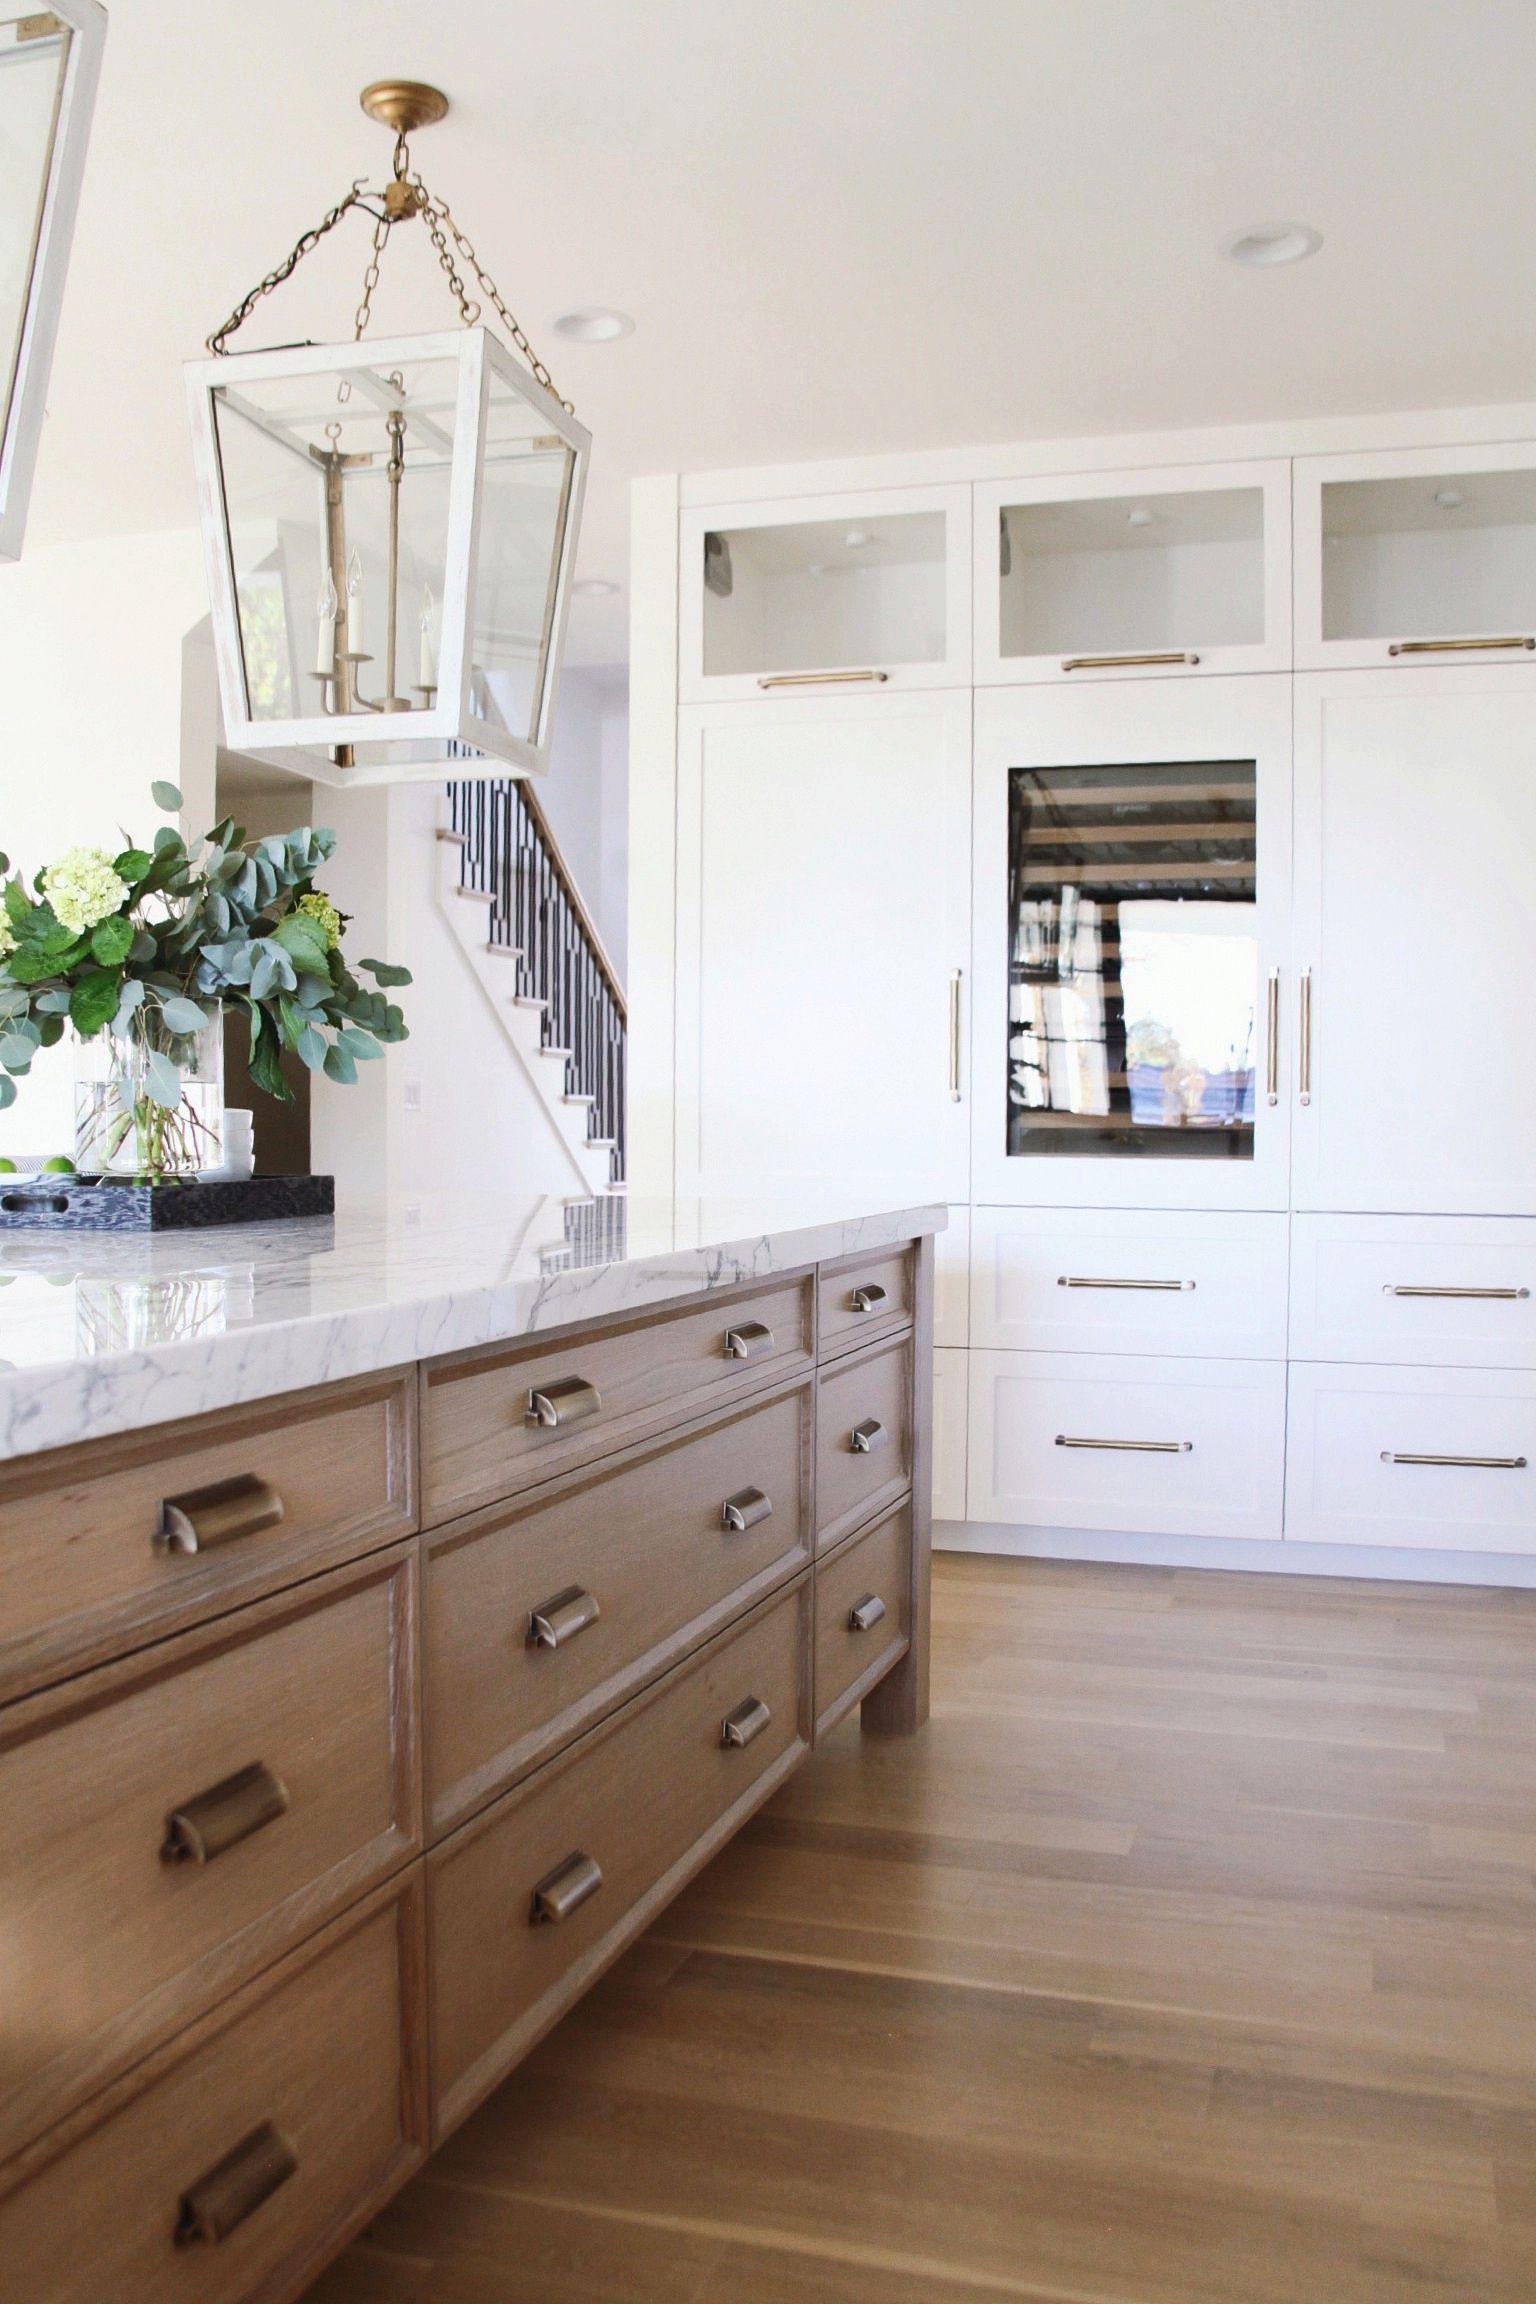 organic modern kitchen kitchen interior modern kitchen on extraordinary kitchen remodel ideas id=13109